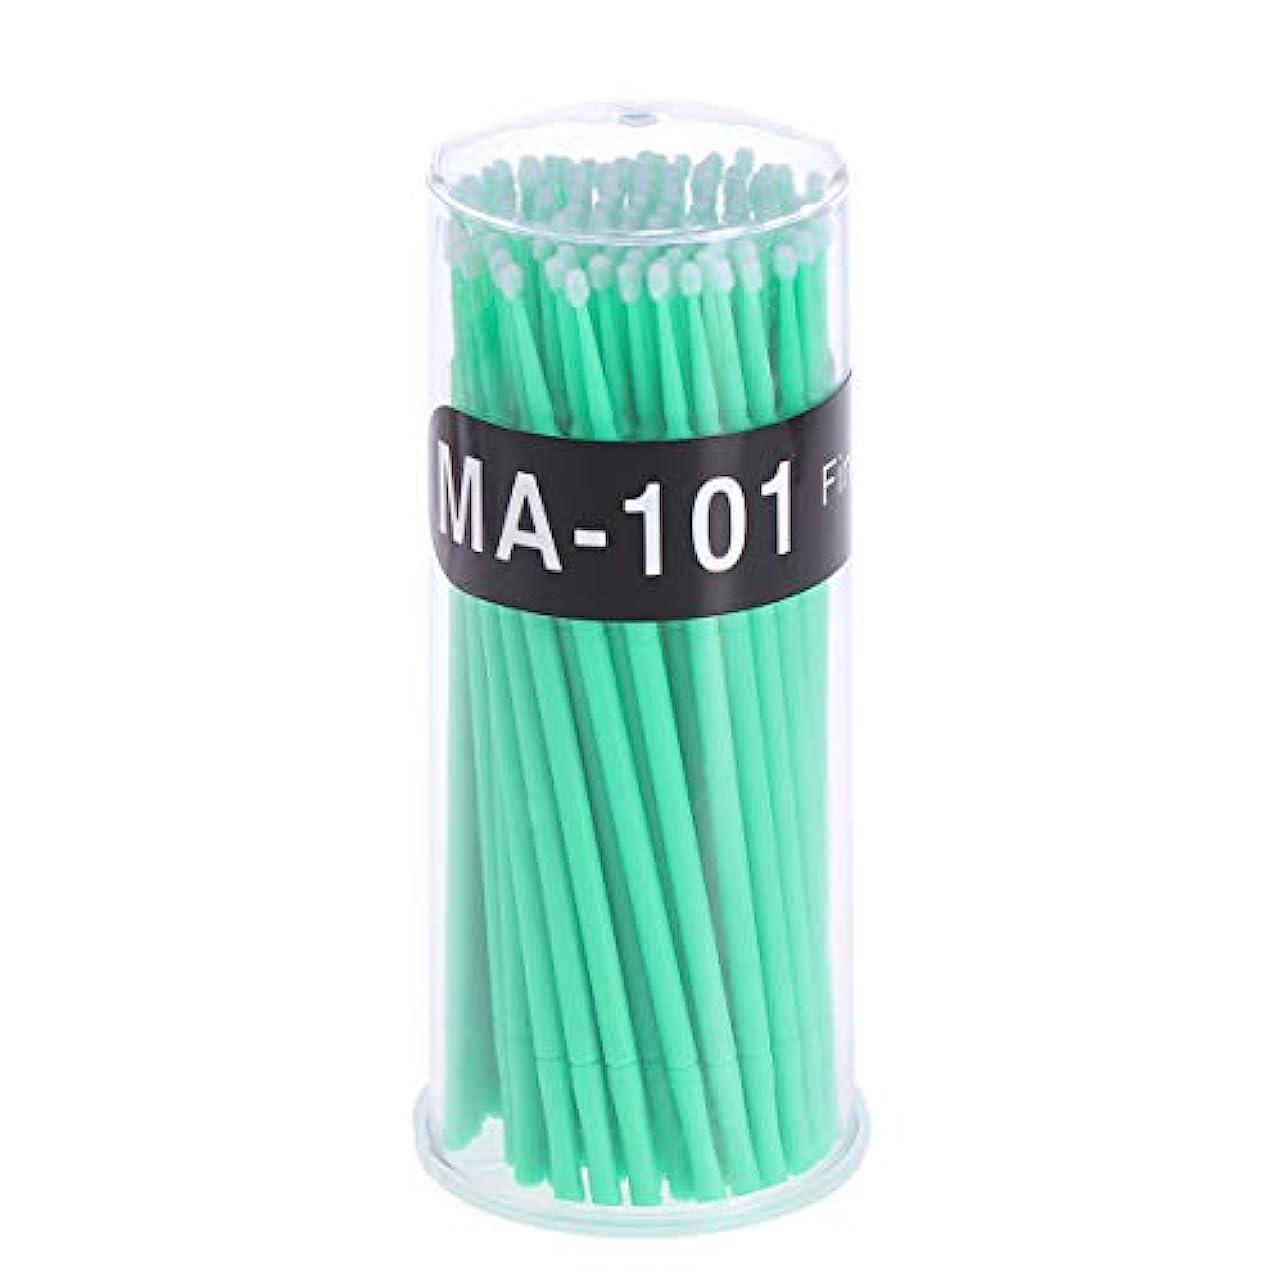 スペクトラム木製キモい100個使い捨てマイクロアプリケータブラシまつげエクステンション綿棒まつげマイクロブラシワンドメイクアップツール(グリーン、ブラシ直径2mm)